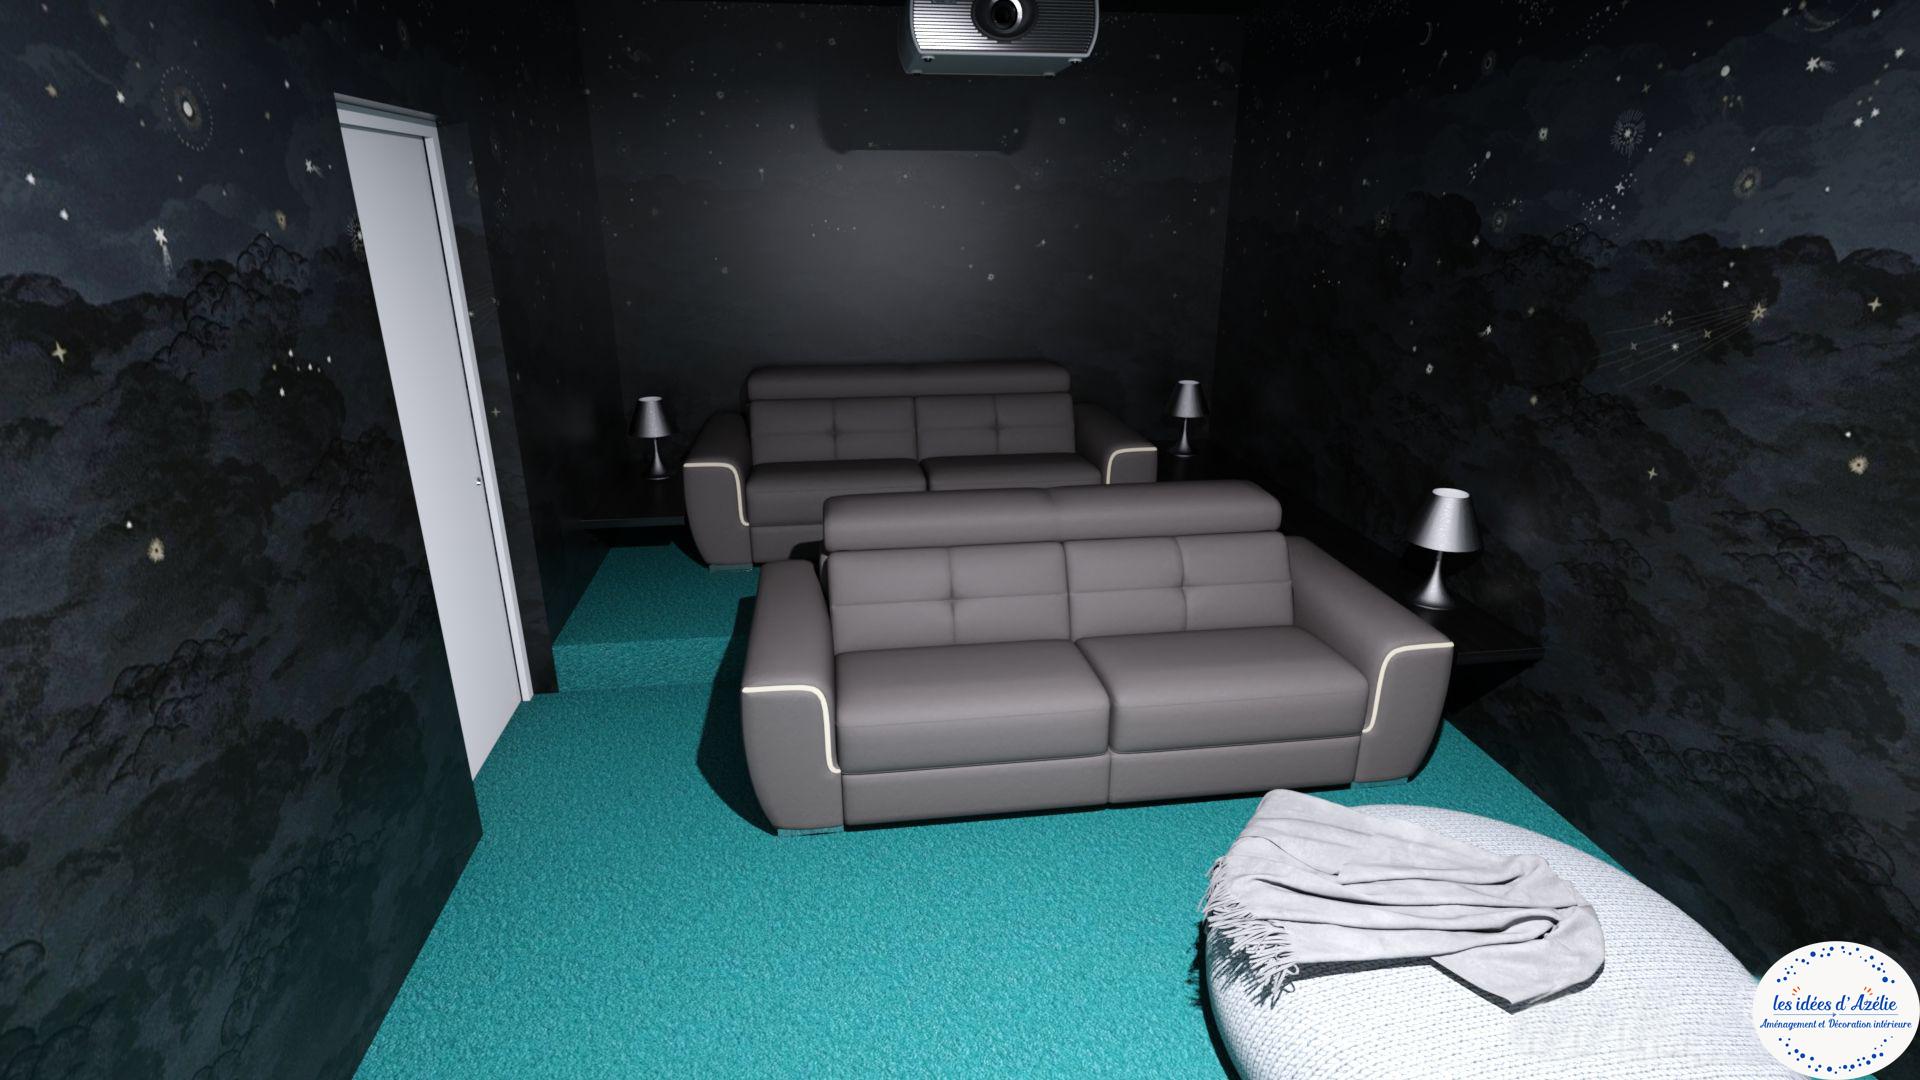 Premier étage - Salle vidéo